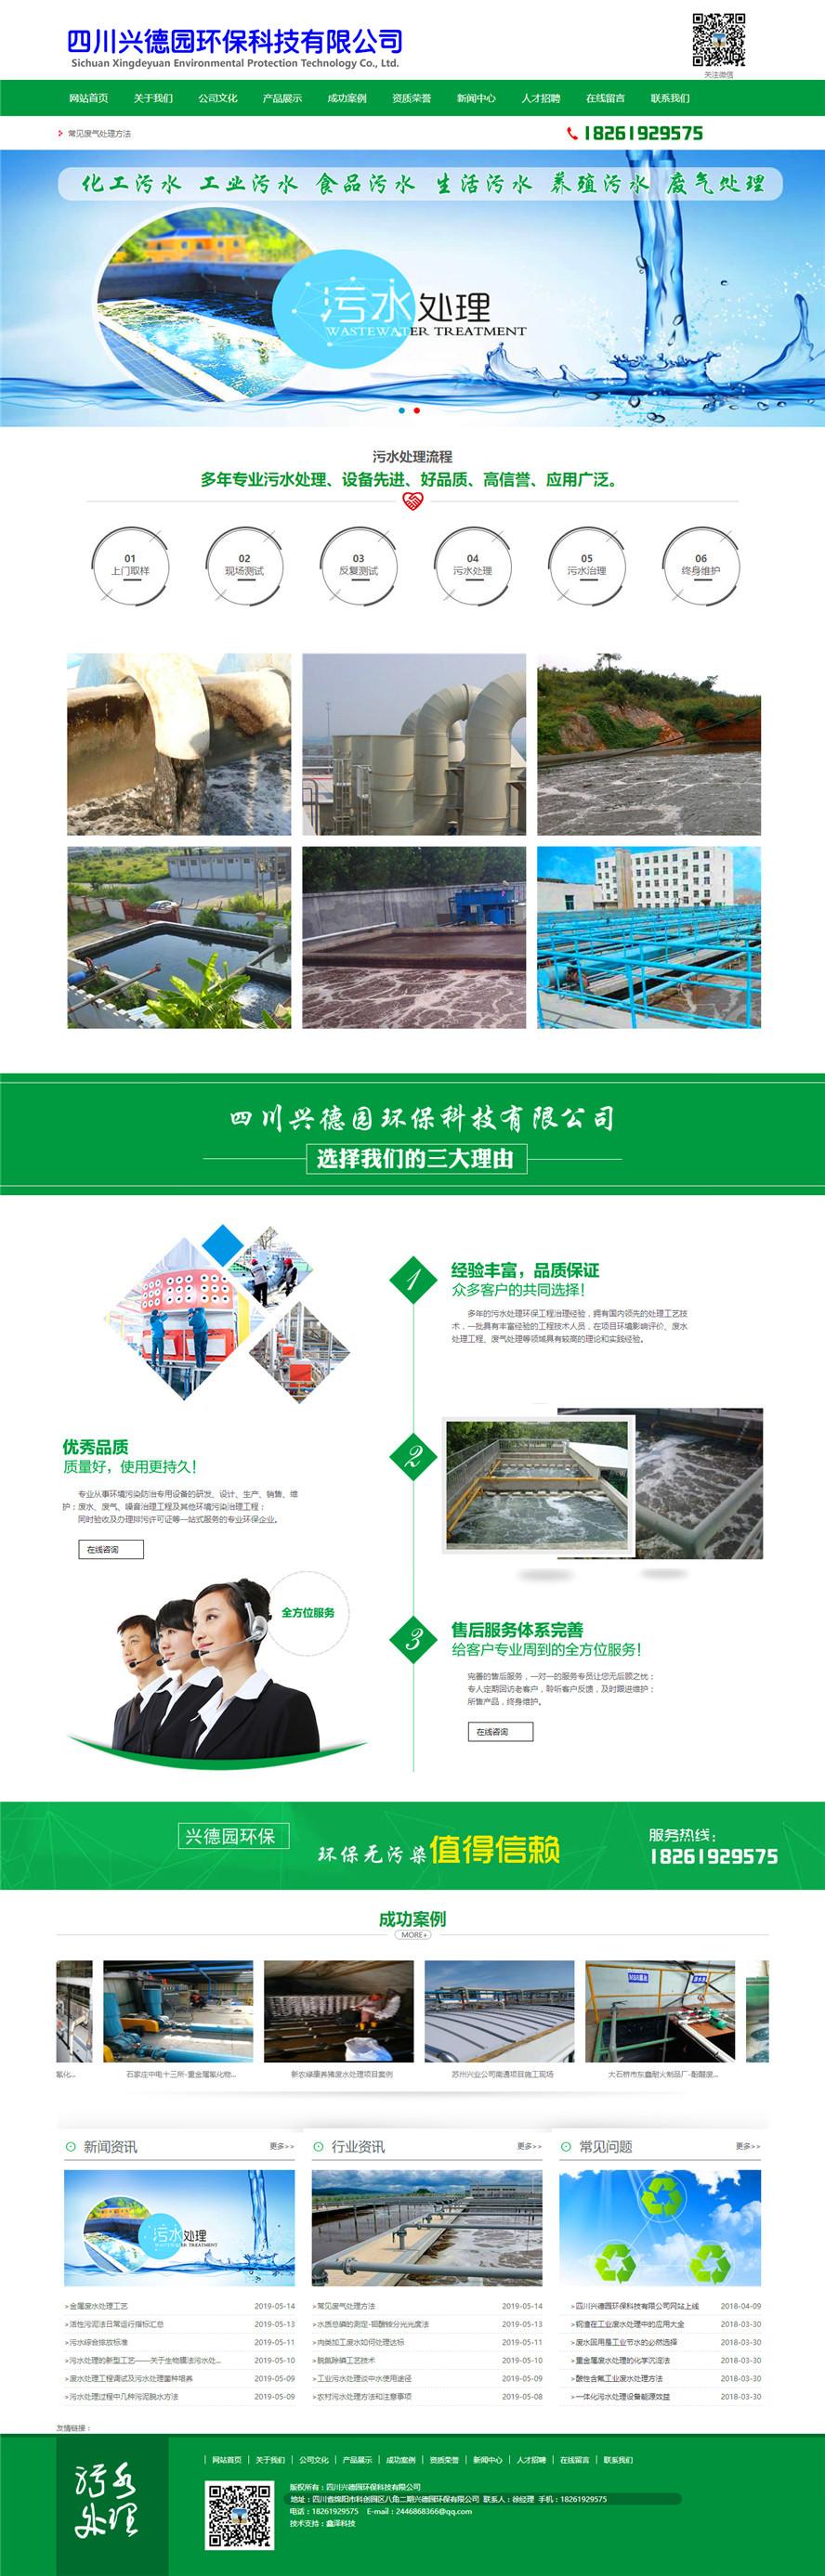 四川兴德园环保科技有限公司.jpg